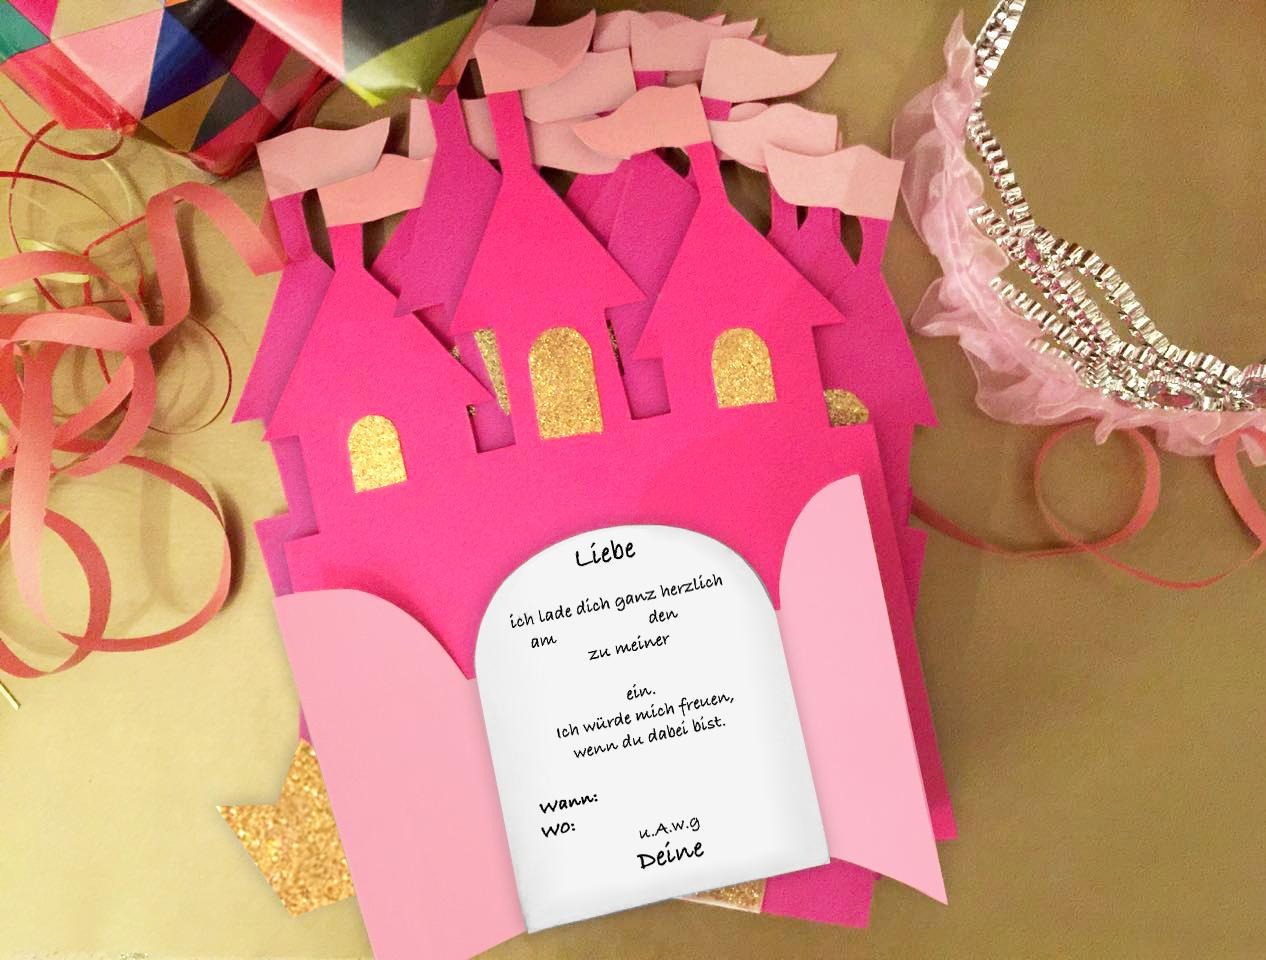 KleineGeschichten-09-Kleine-Geschichten-Prinzessinnen-Party-Bastelideen-Spieleideen-Krone-selber-basteln-kostenlose-Vorlage-Kindergeburstag-Mottoparty-Printessinnen-Geburstag